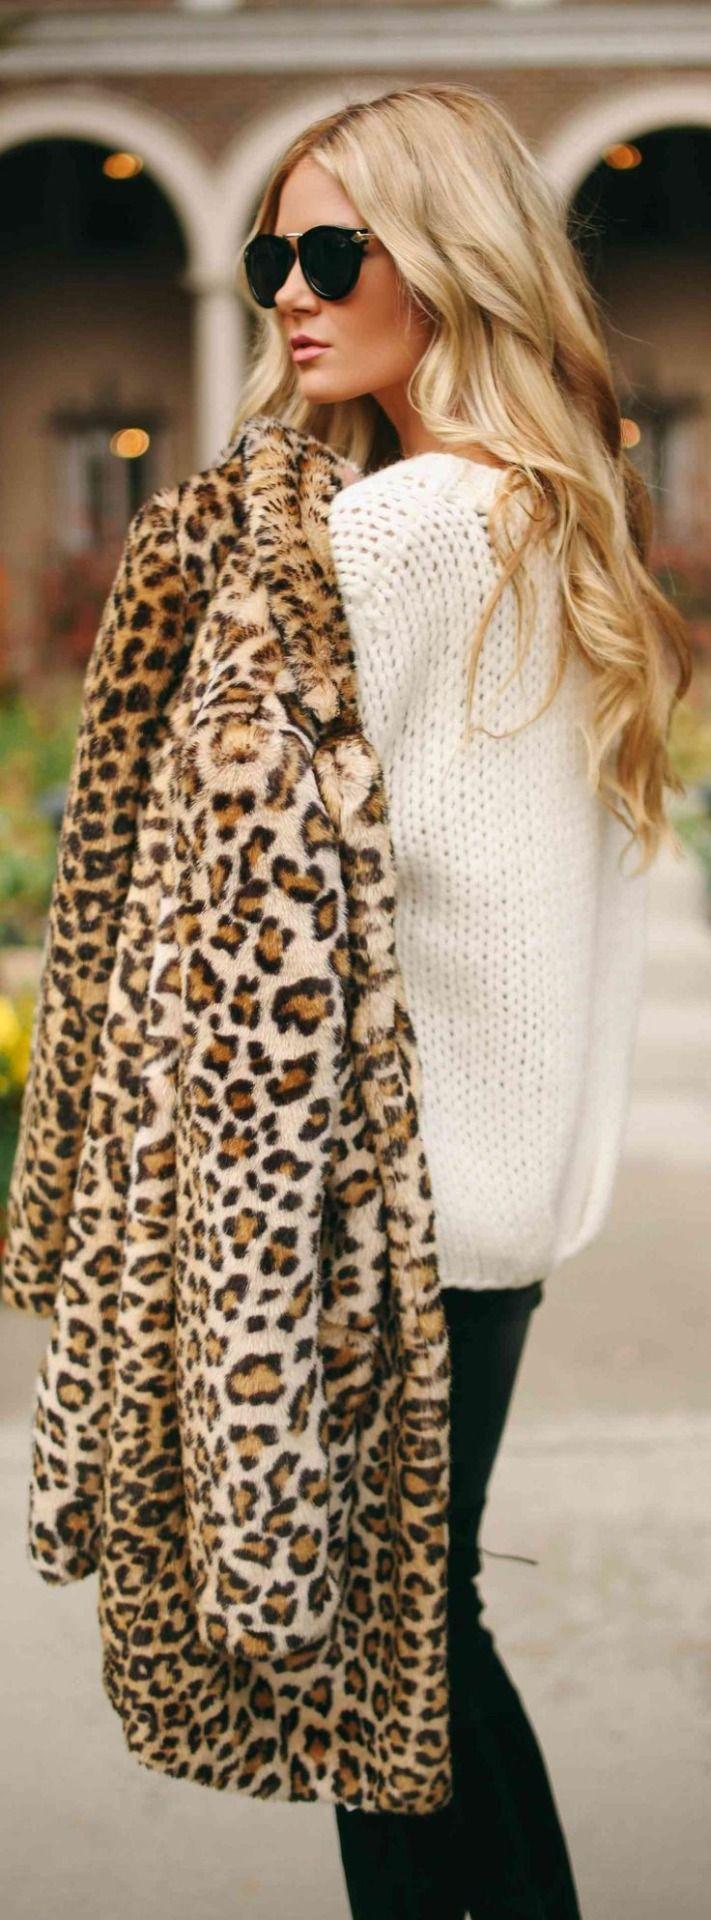 Look - Watch: Trend Leopard Coats video